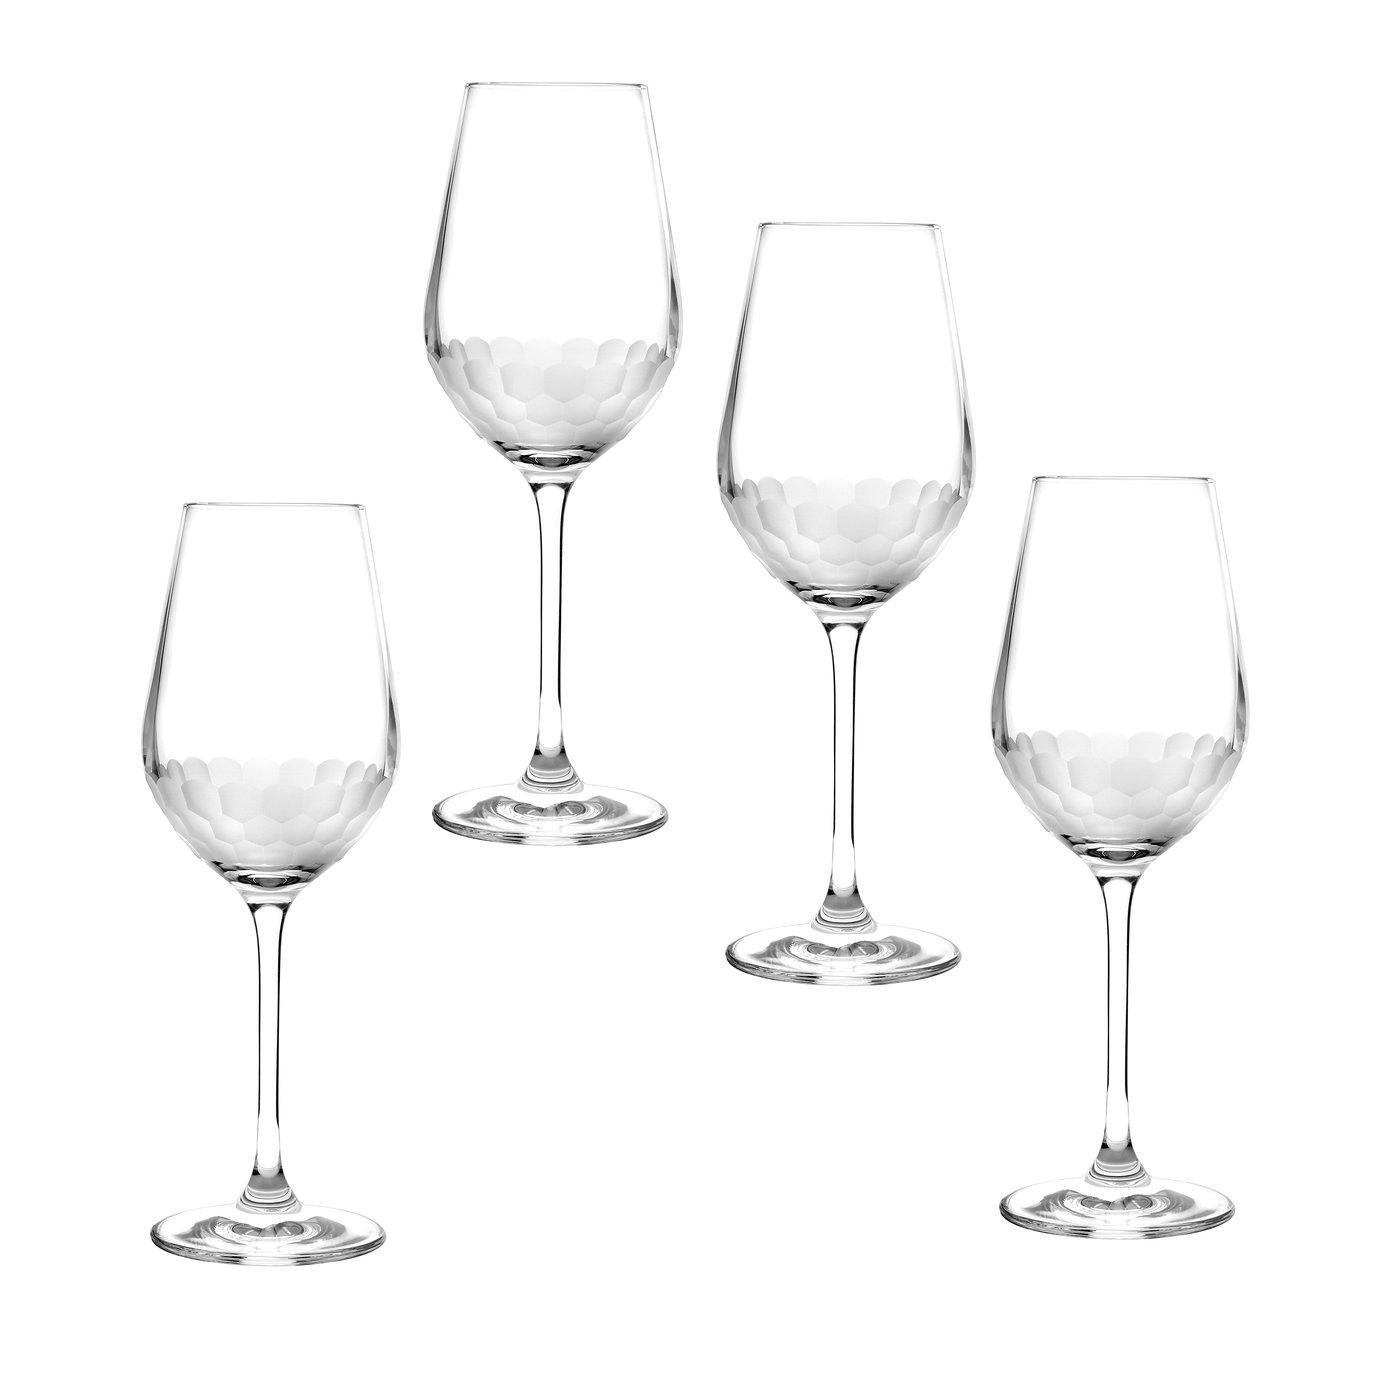 Altair Glassware